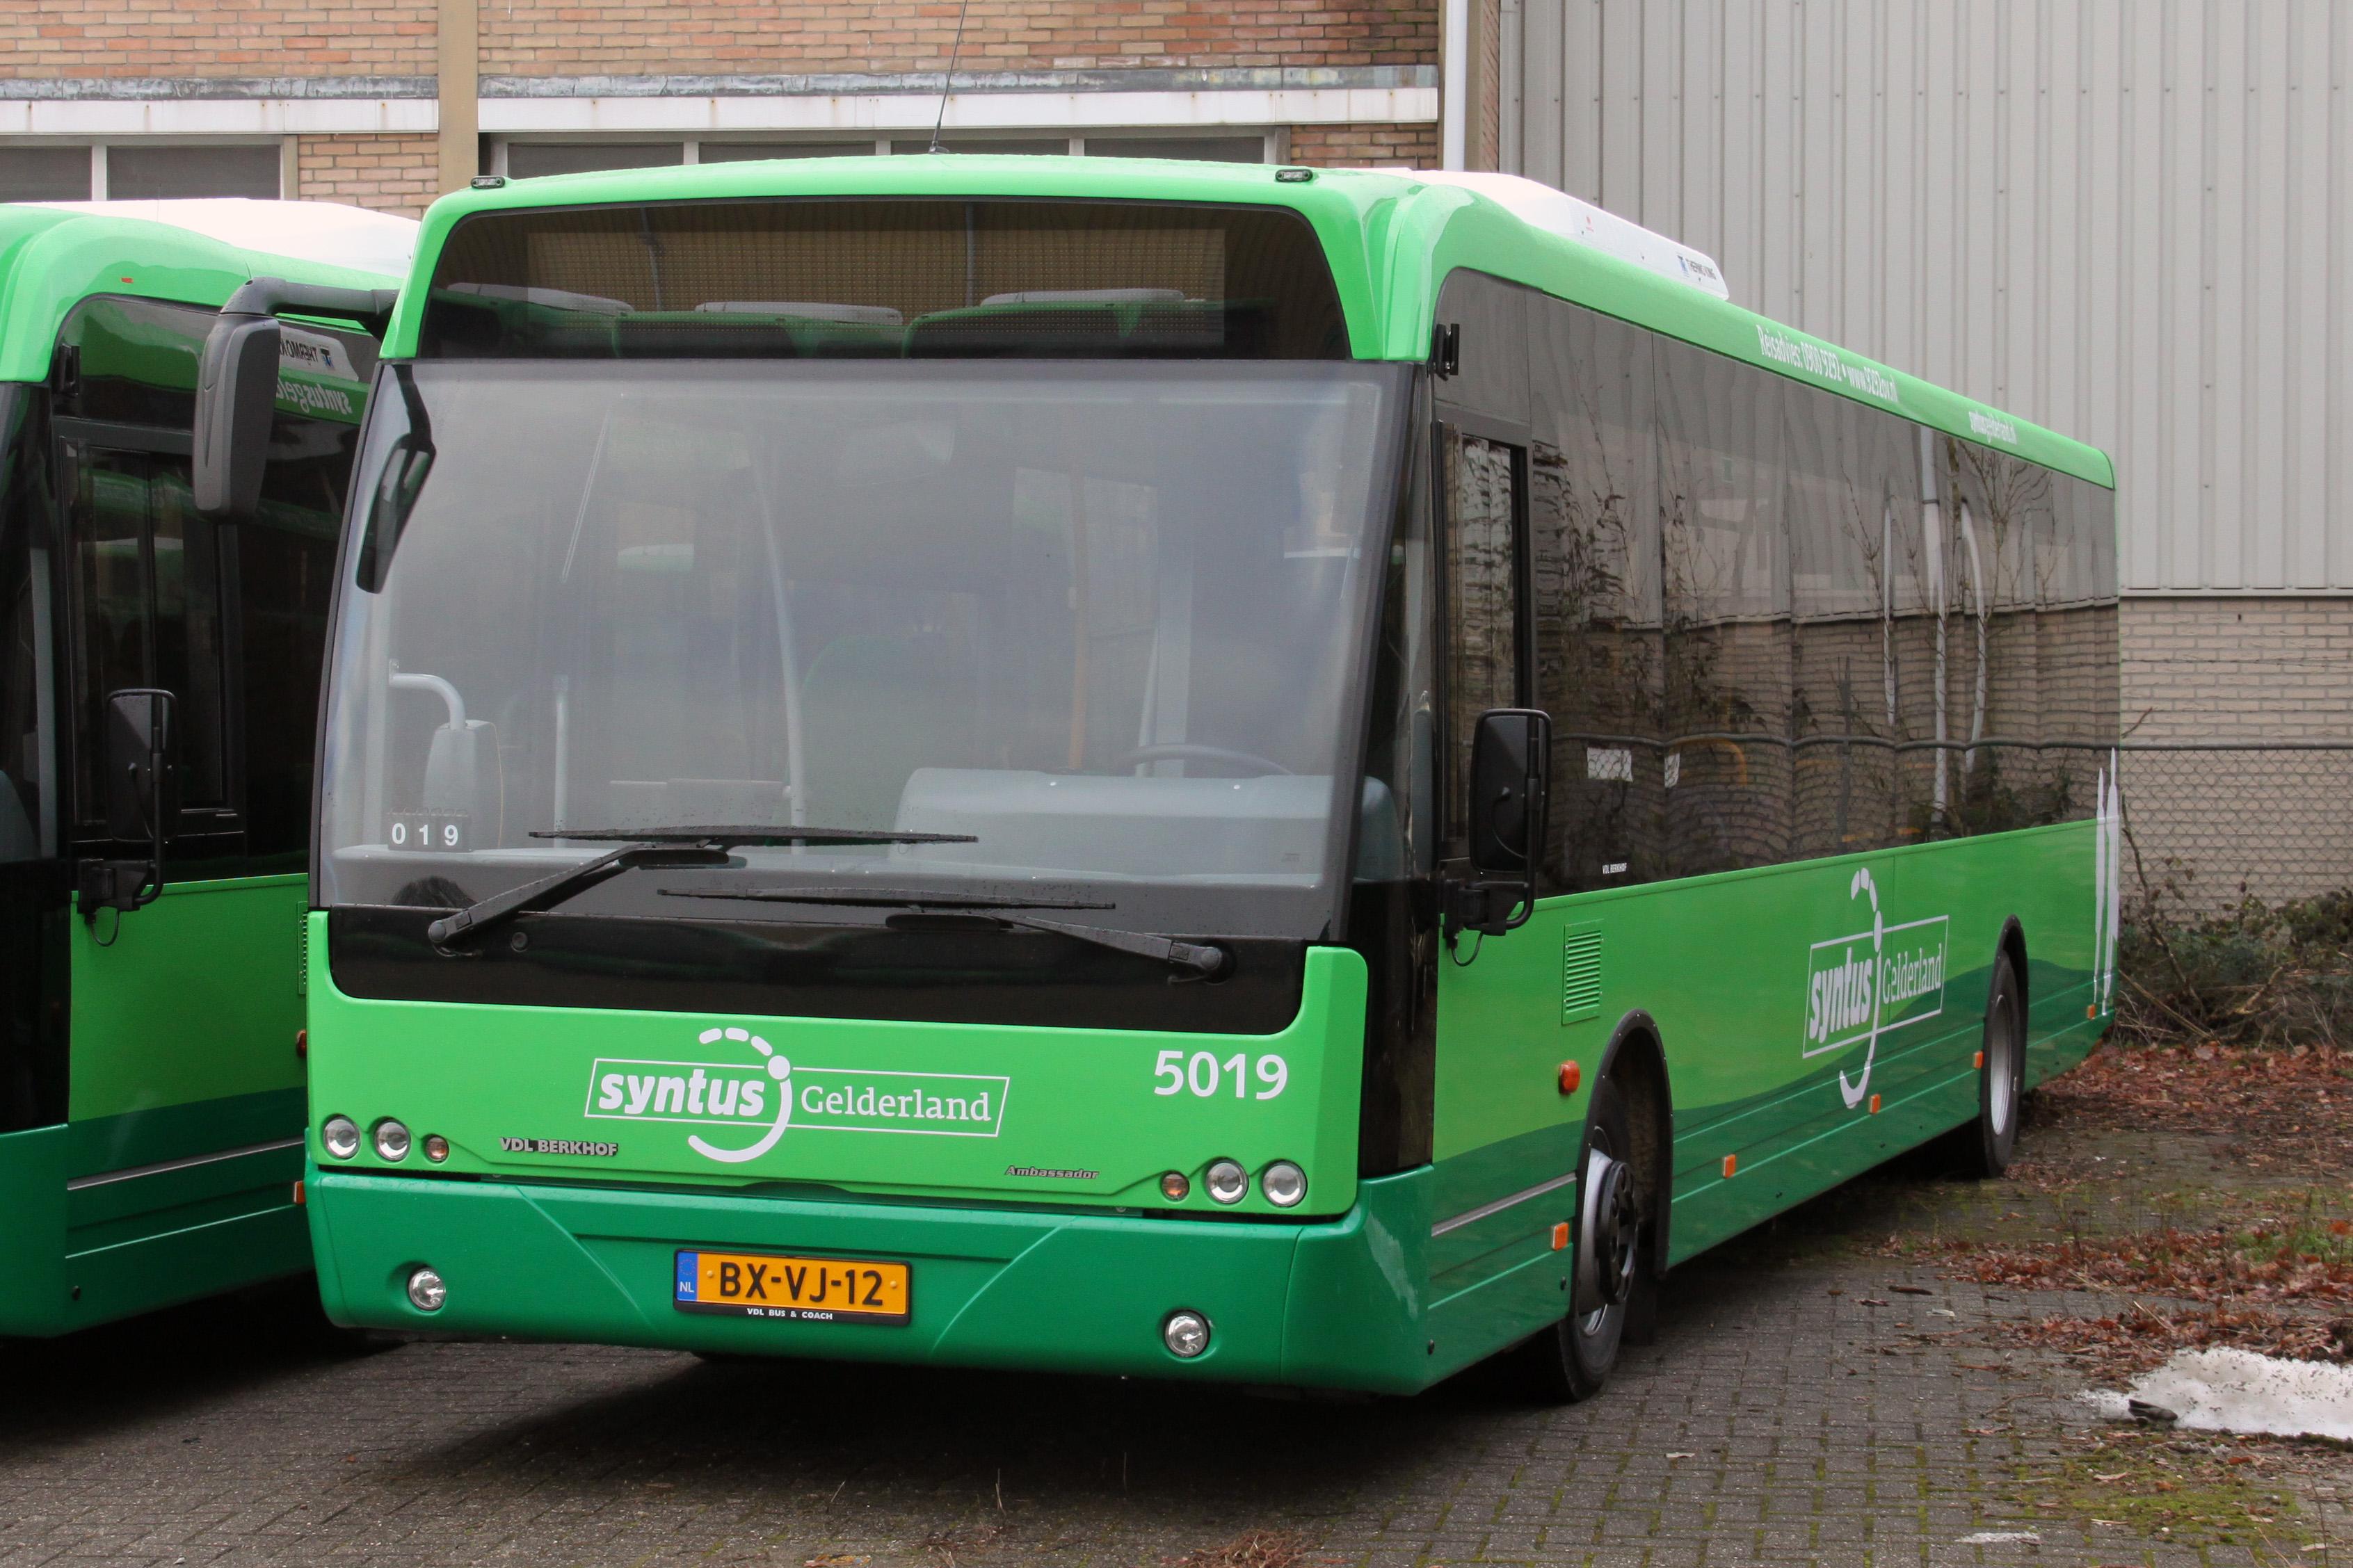 File:Syntus Veluwe 2010 Stadsbus Apeldoorn.jpg